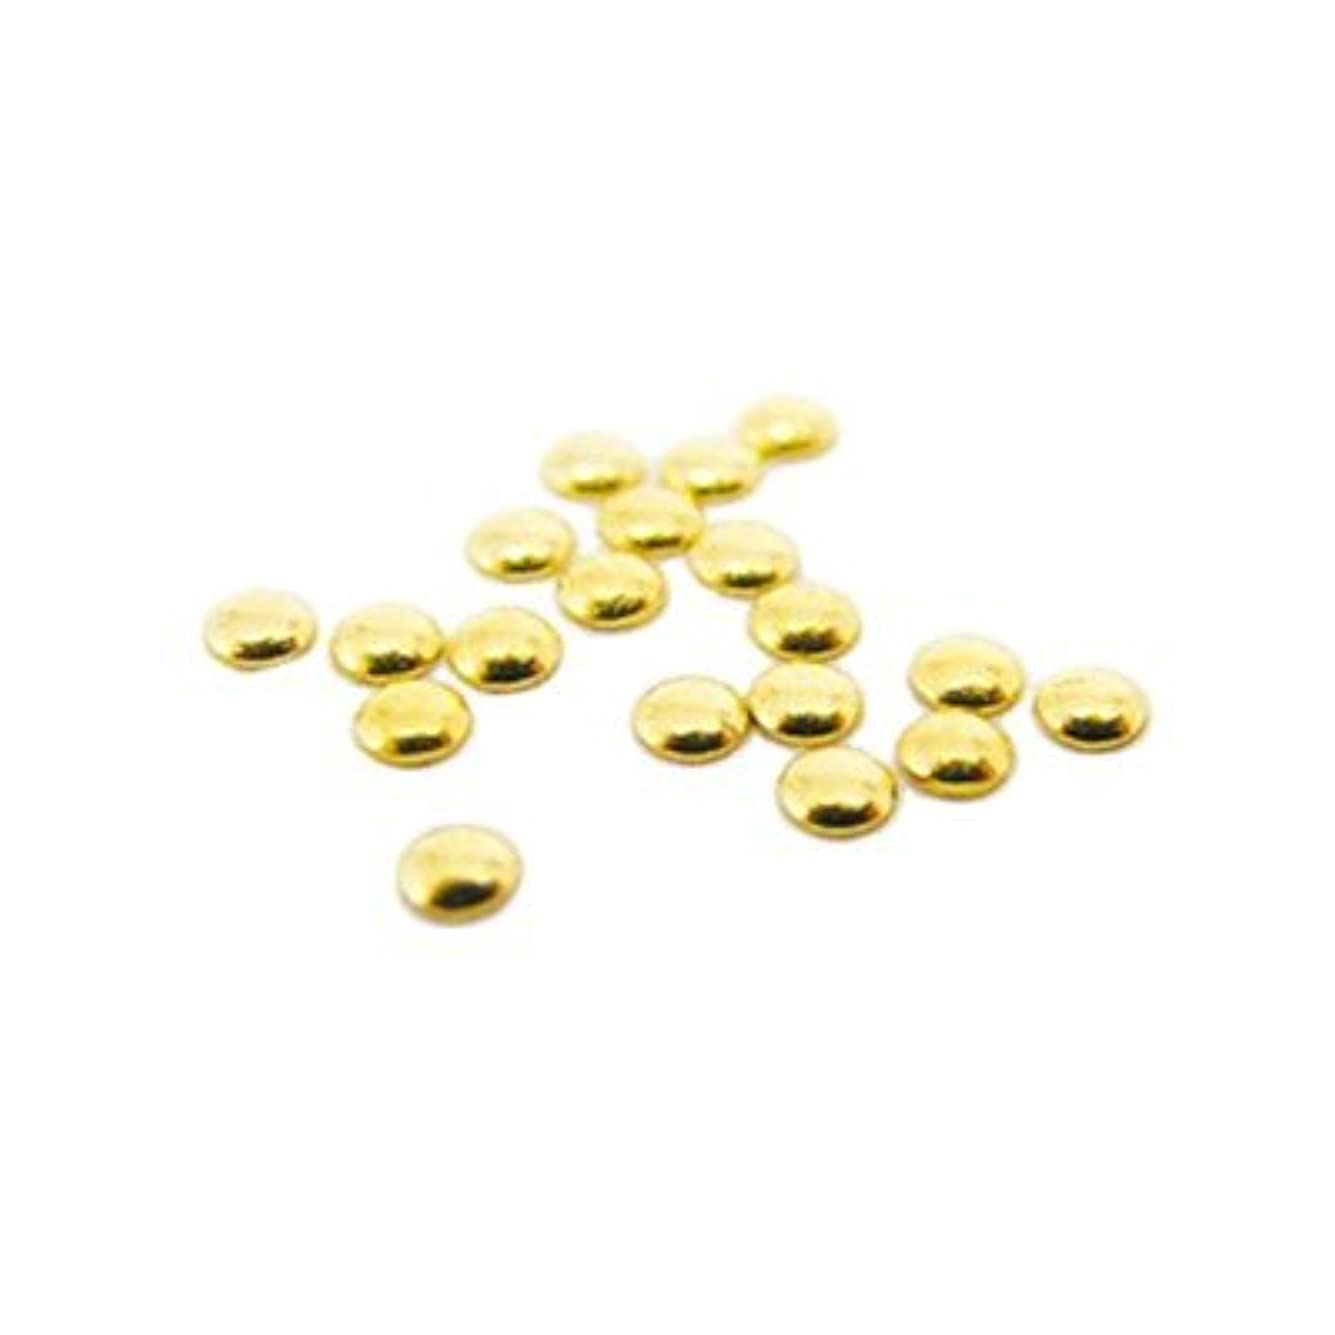 失望アベニューアドバンテージピアドラ スタッズ 1.2mm 50P ゴールド